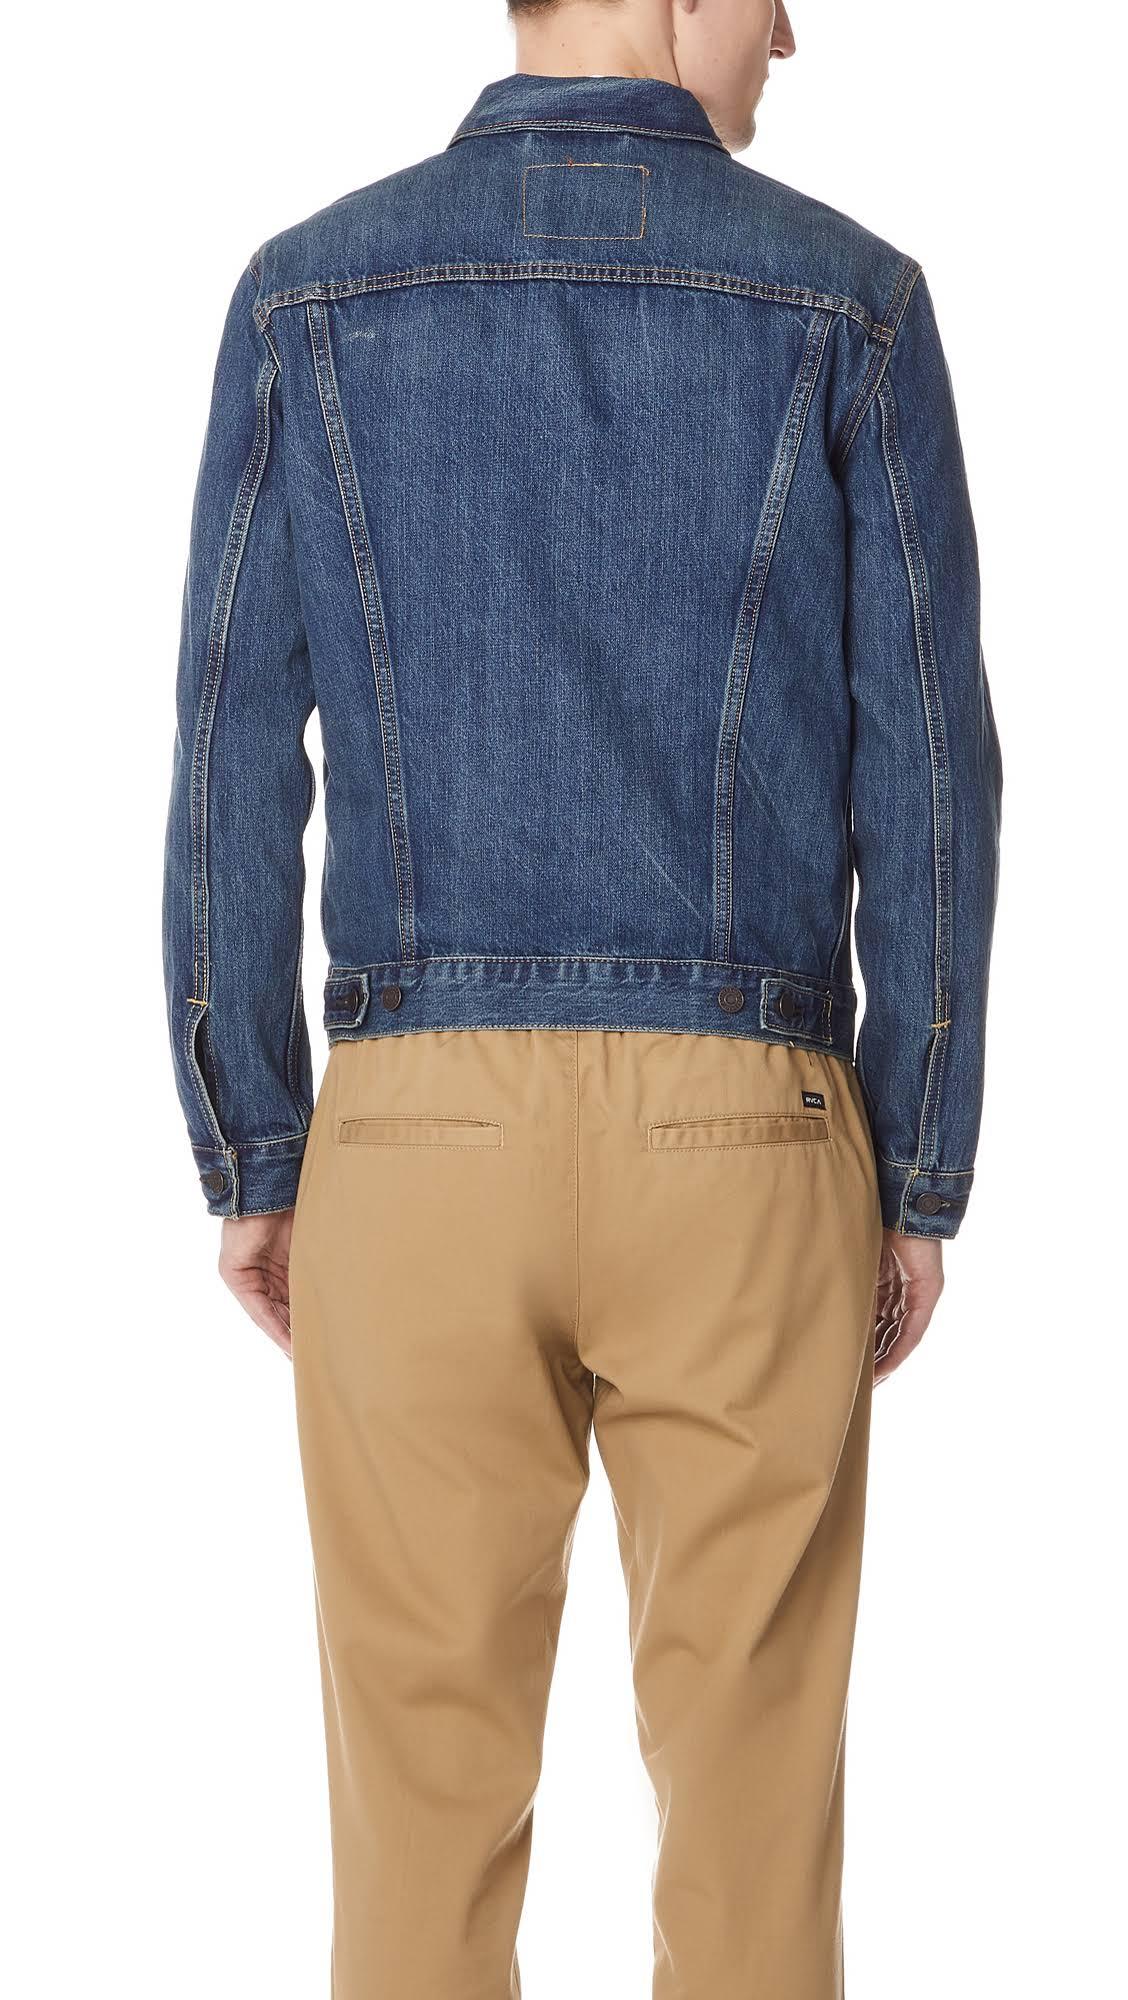 Para Premium Sm Levi's Jacket Repisa Trucker The Hombres Aq0wdUX0